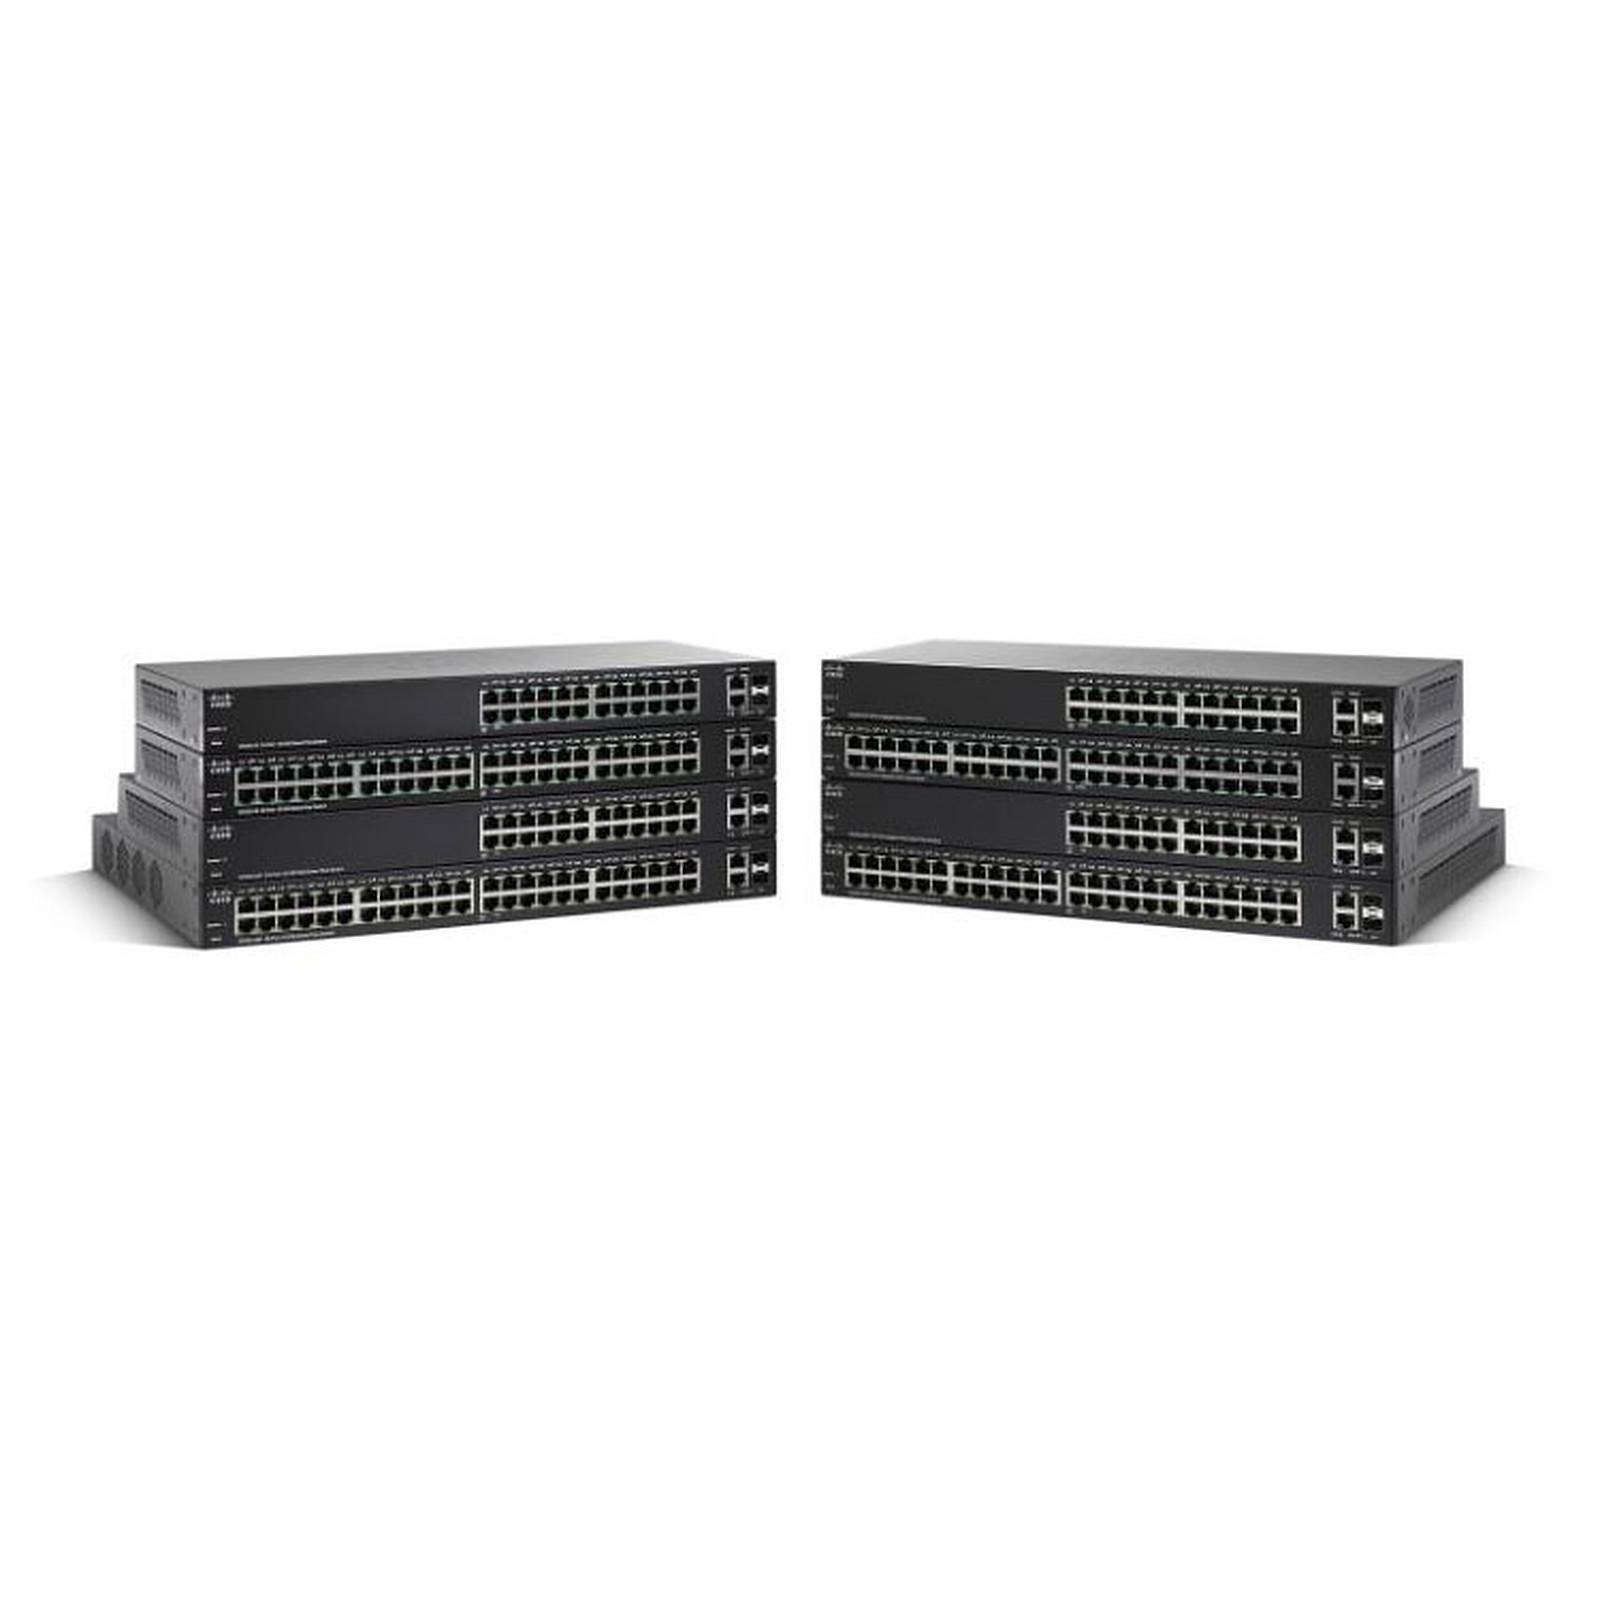 Cisco SG 220-26